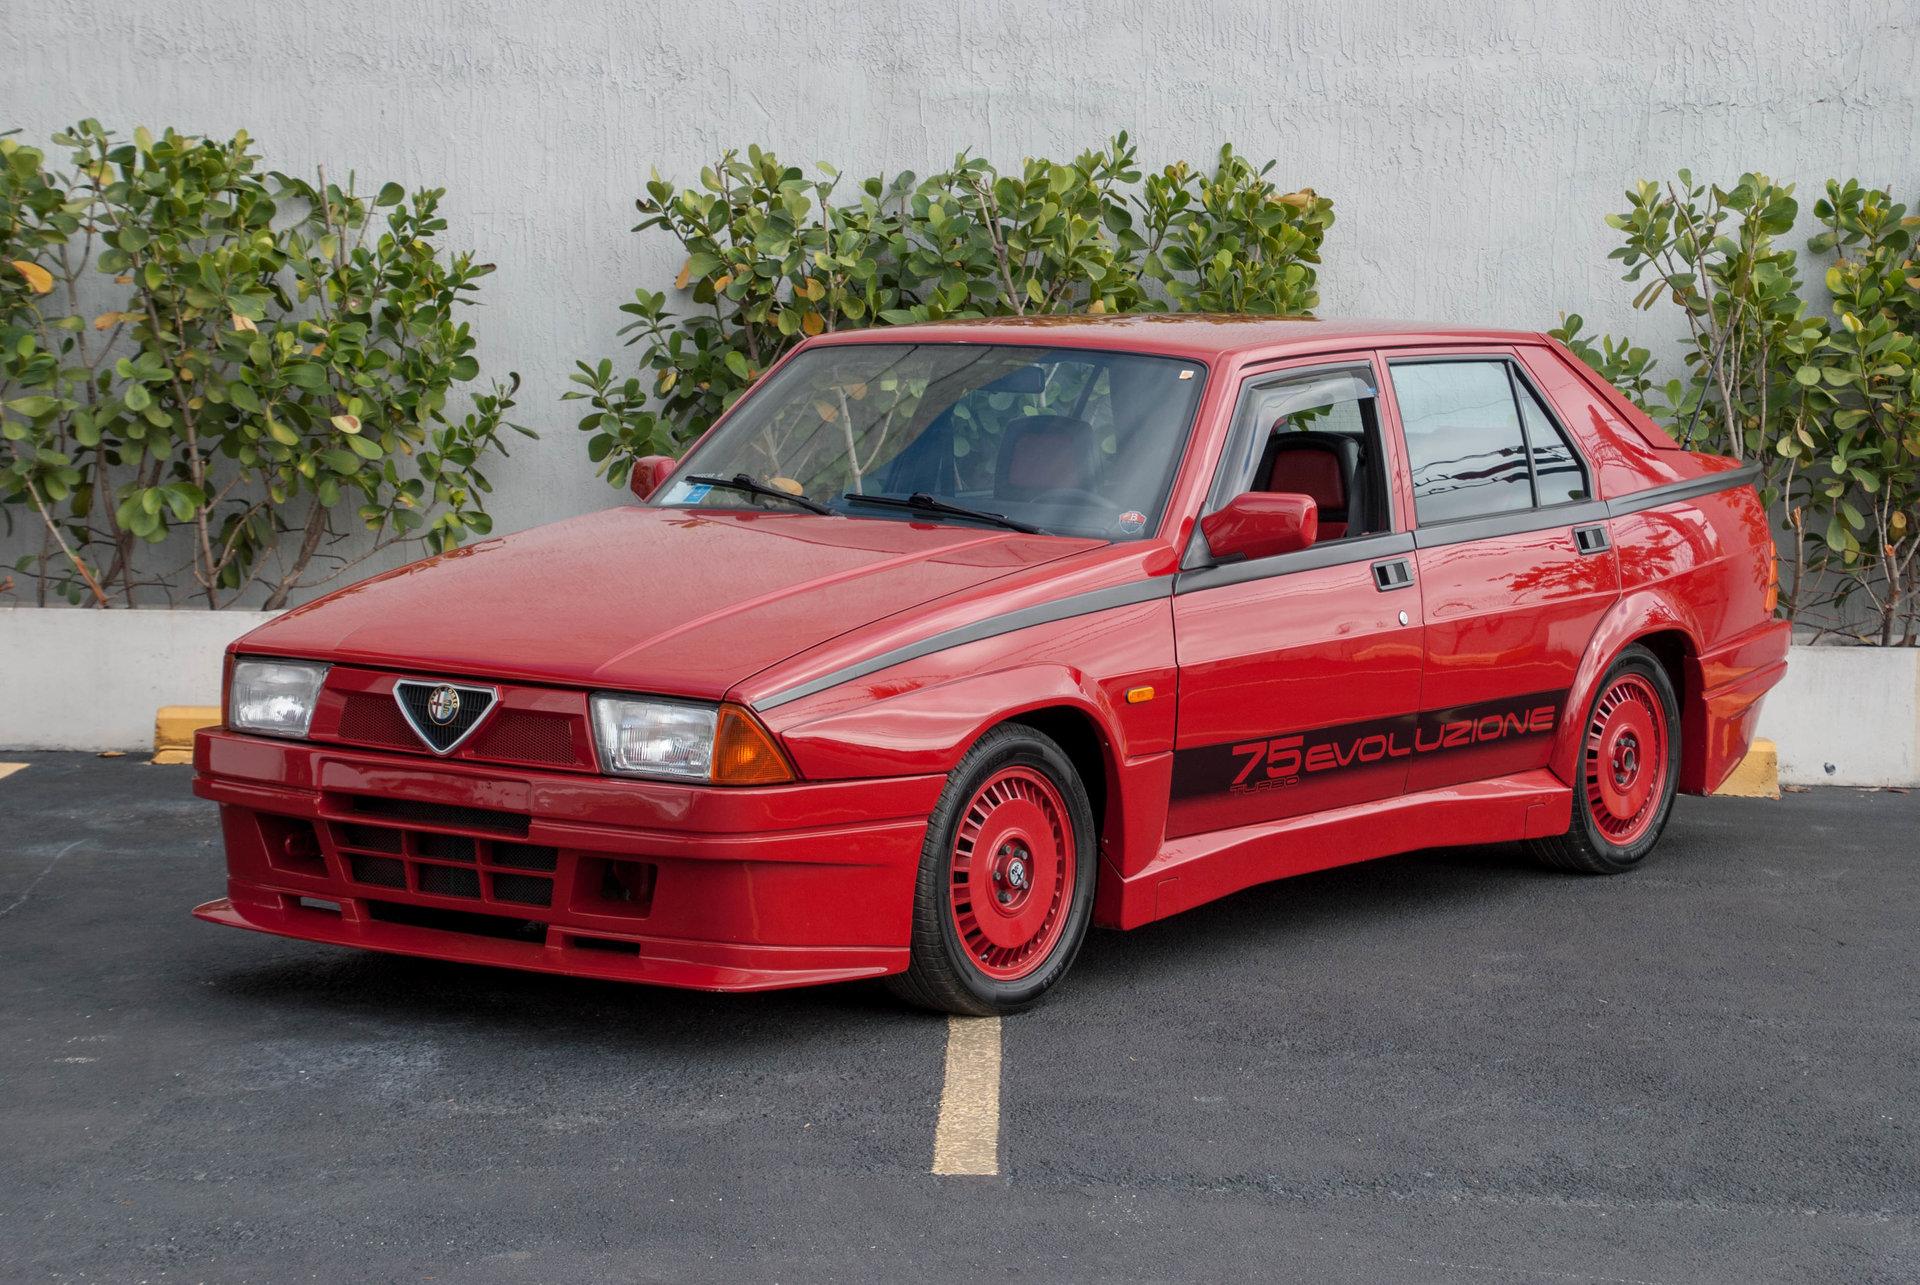 163949074b75a hd 1987 alfa romeo 75 turbo evoluzione